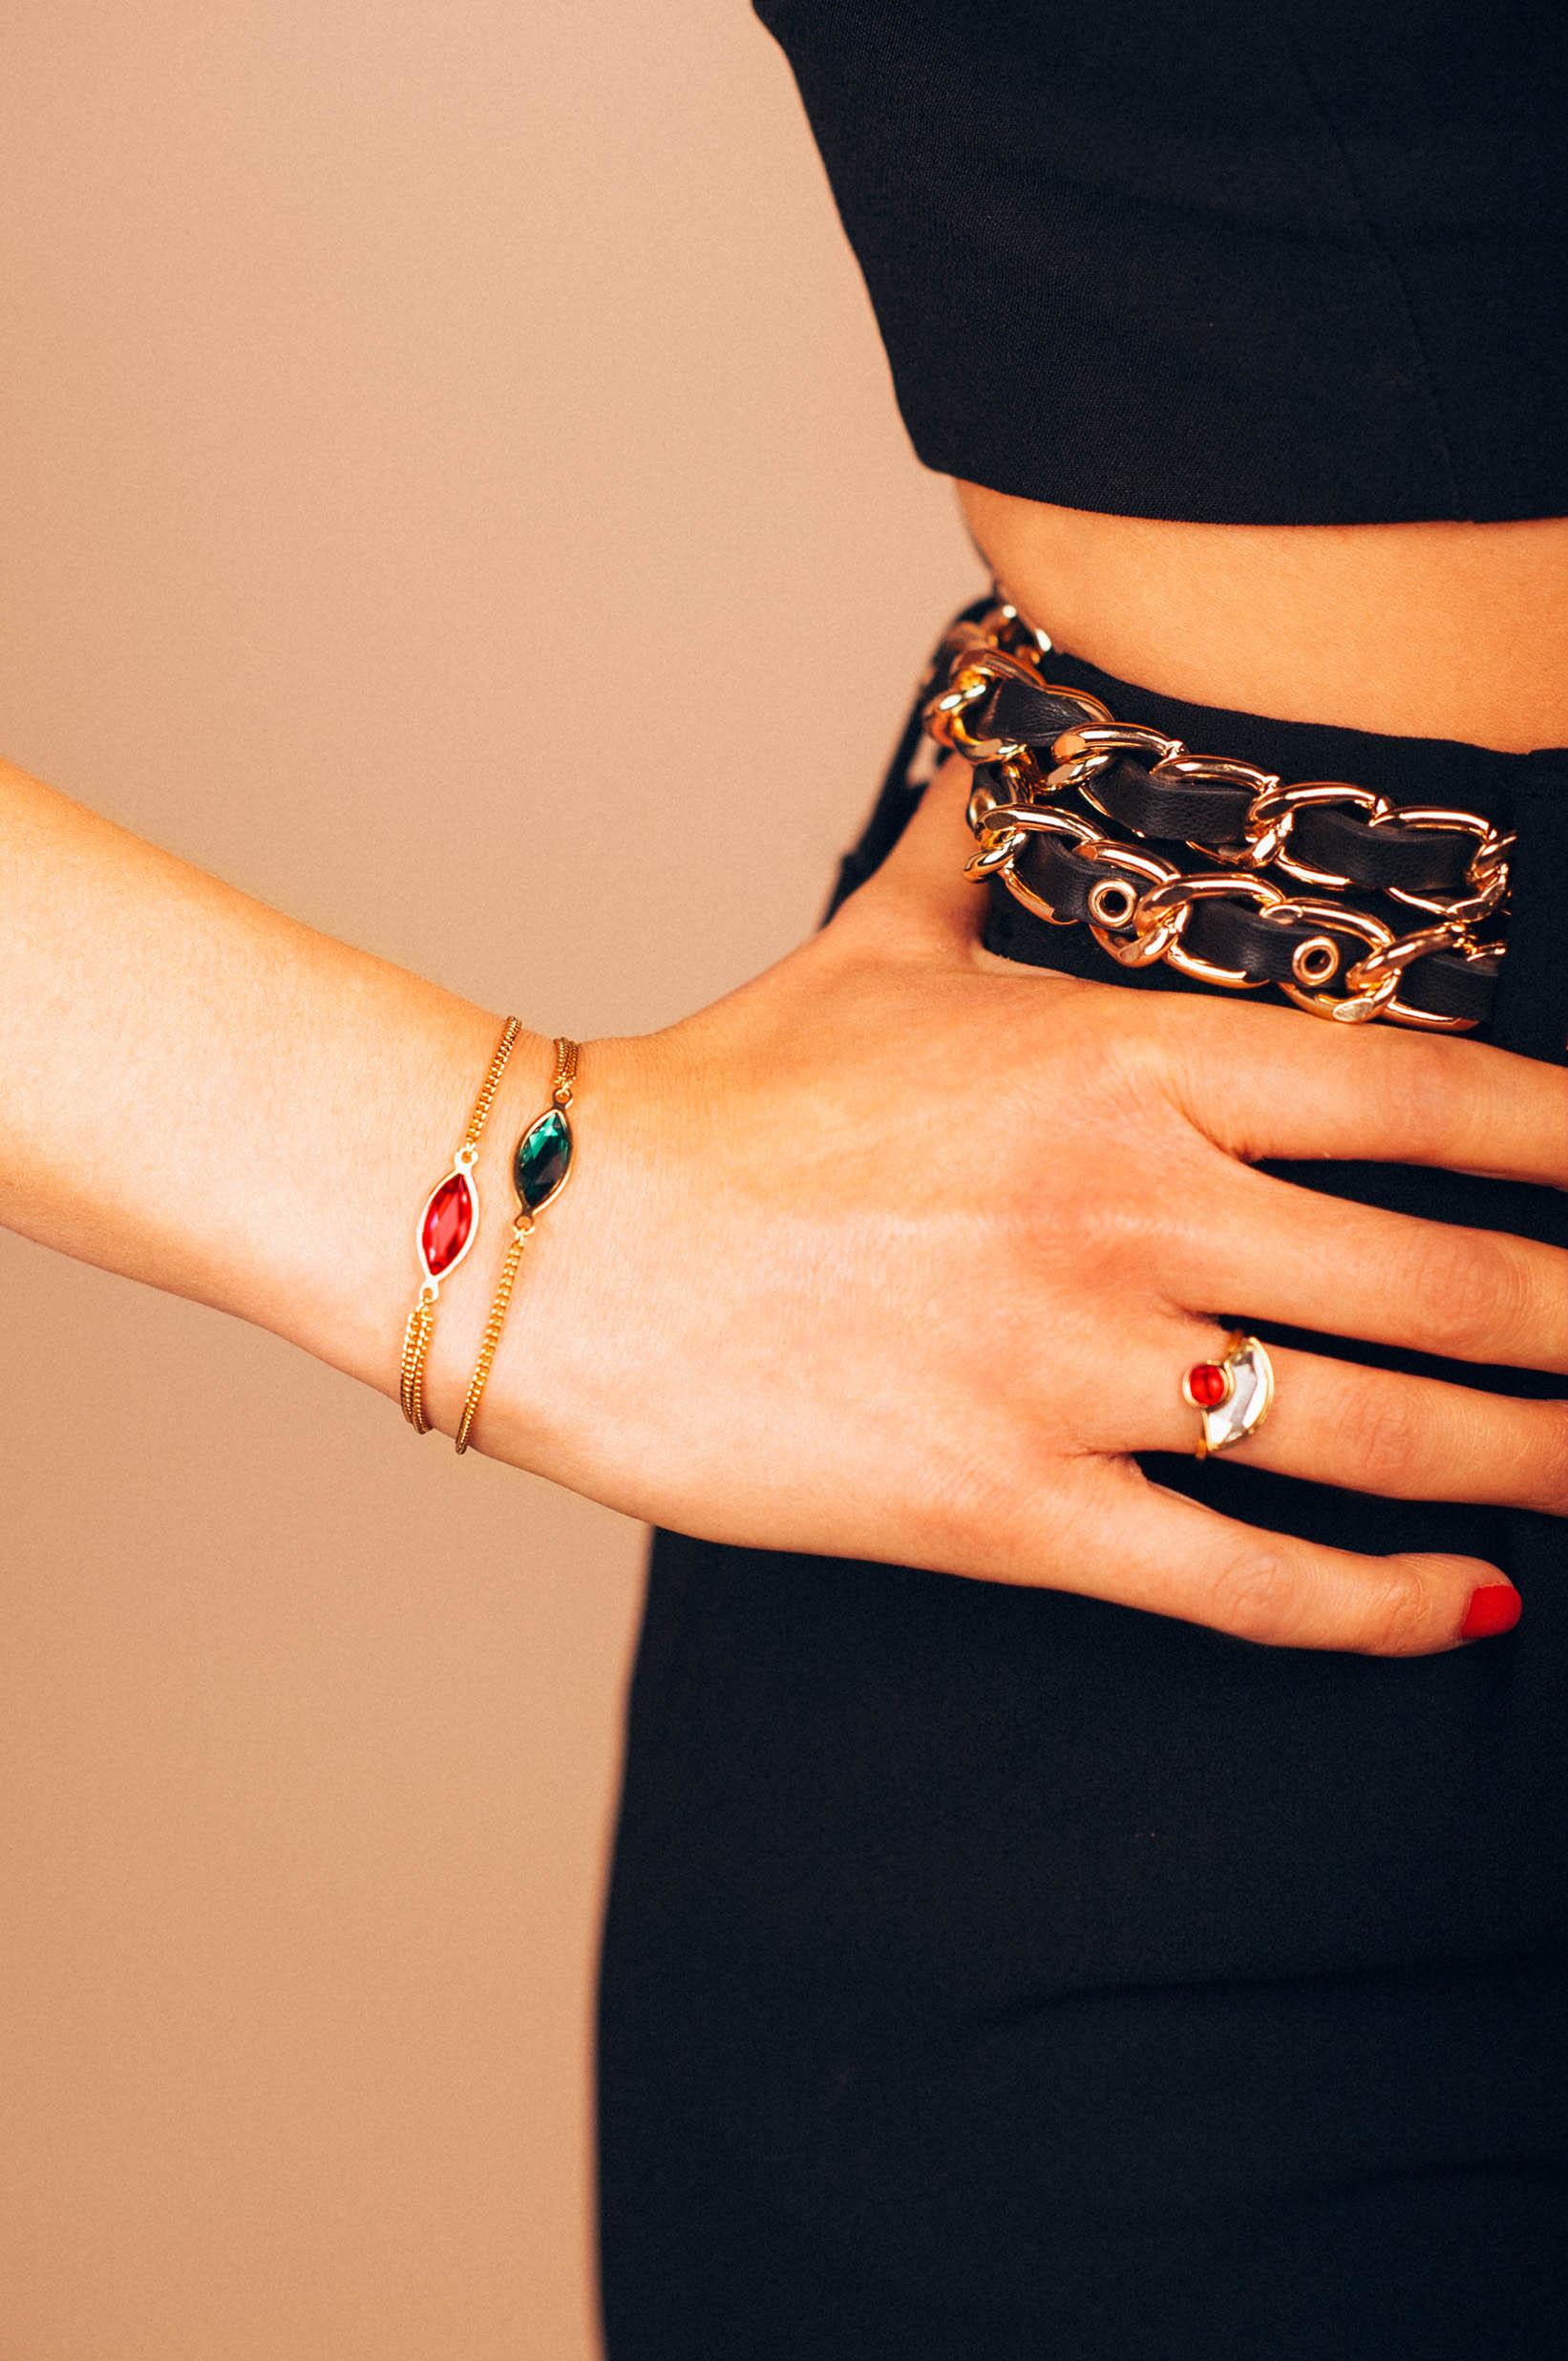 Lookbook_lestatillonnes_0018_Karen_bracelet.jpg